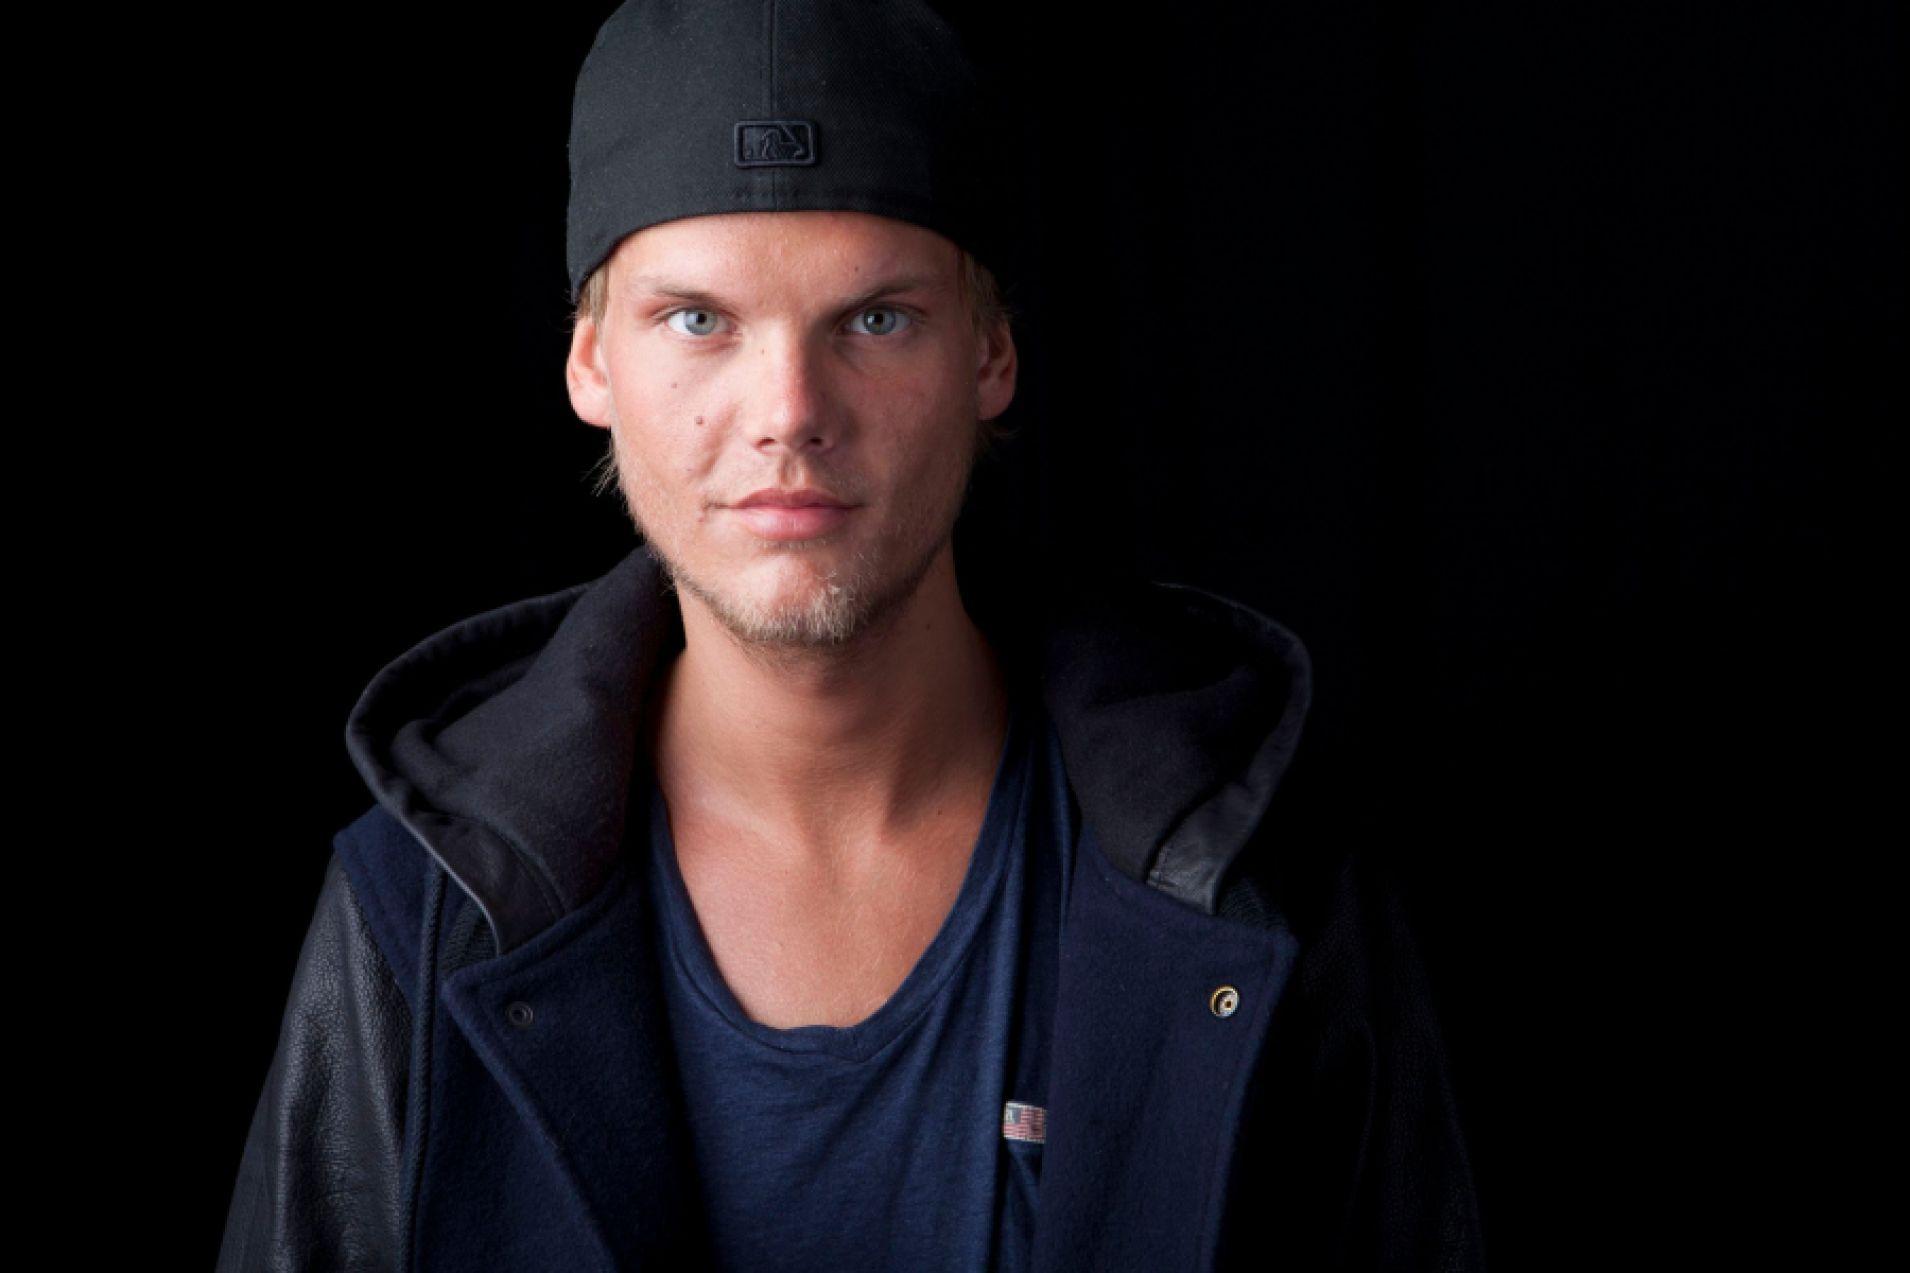 Adam Lambert, David Guetta, Rita Ora to Perform at Avicii Tribute Concert